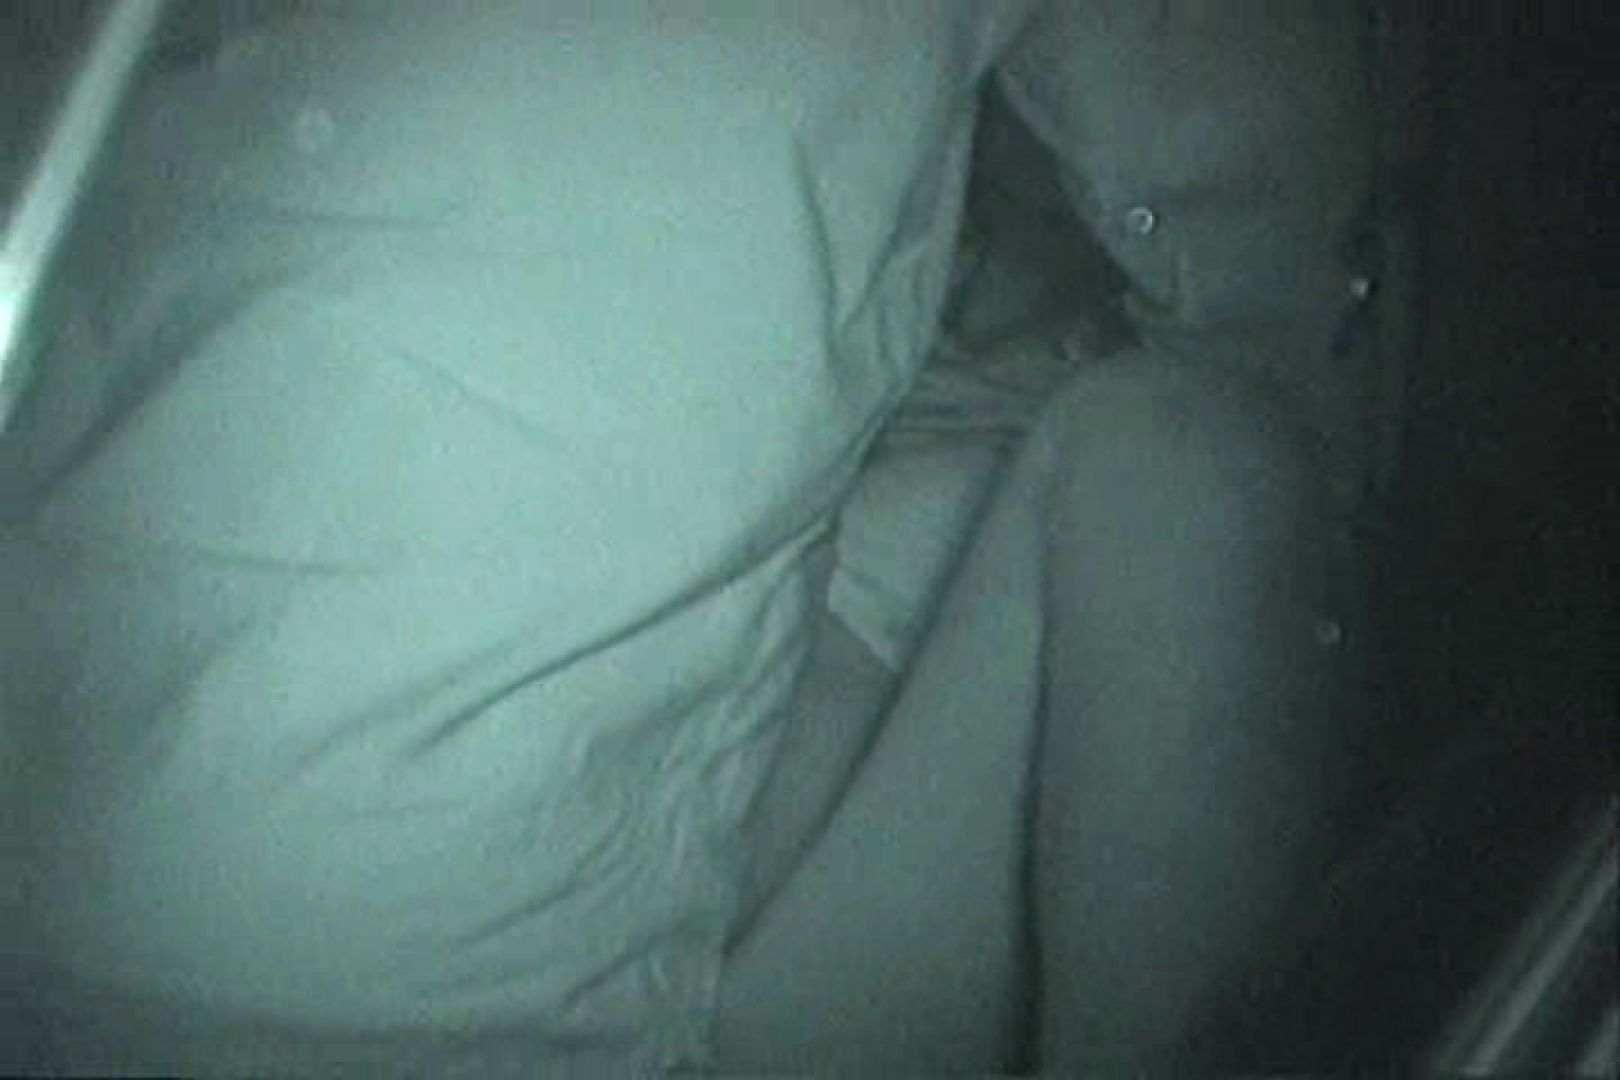 充血監督の深夜の運動会Vol.123 カップル盗撮 | エロティックなOL  107画像 43